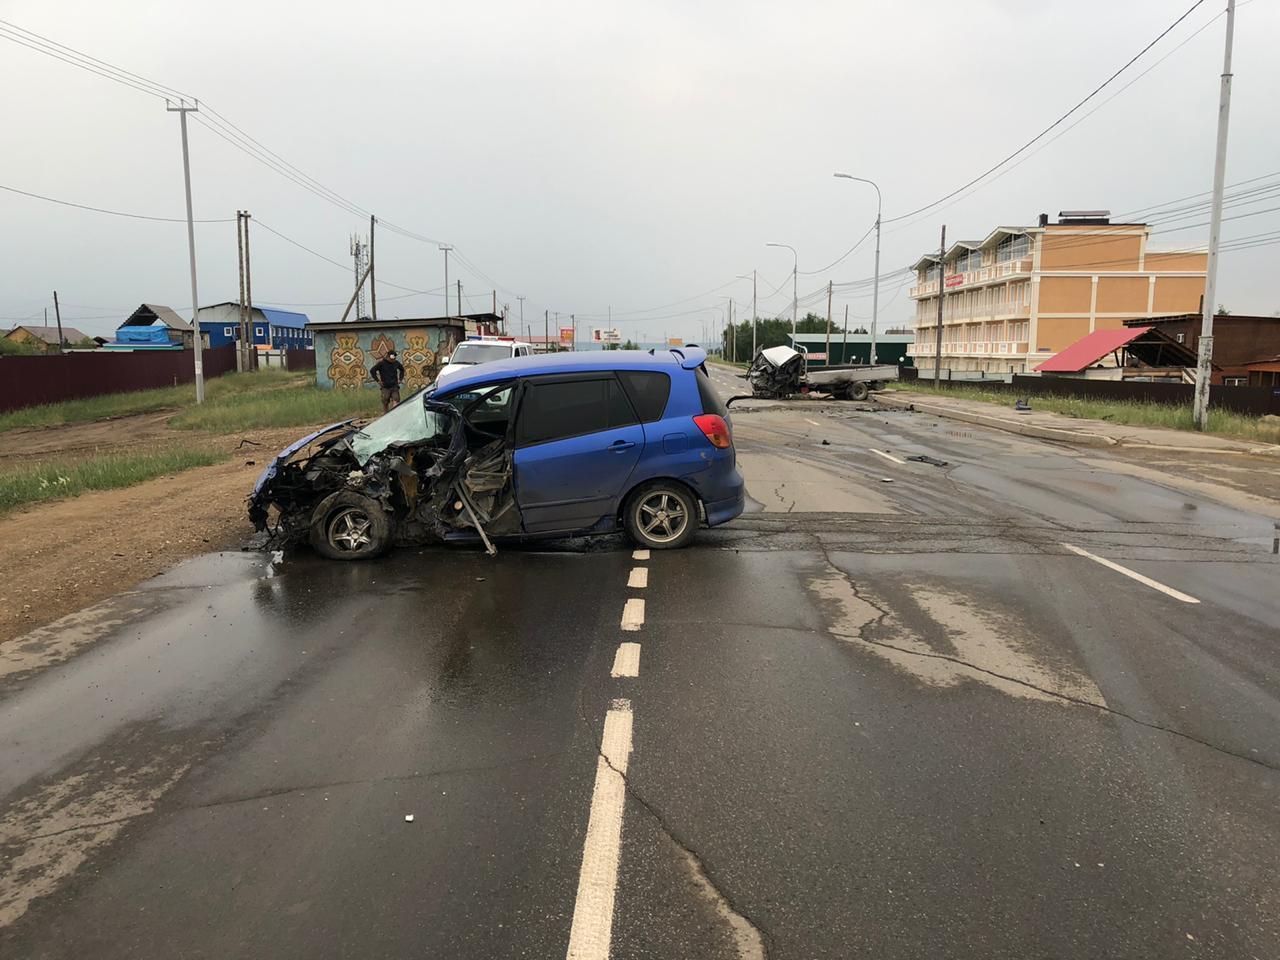 Пьяный водитель устроил ДТП на Покровском тракте в Якутске